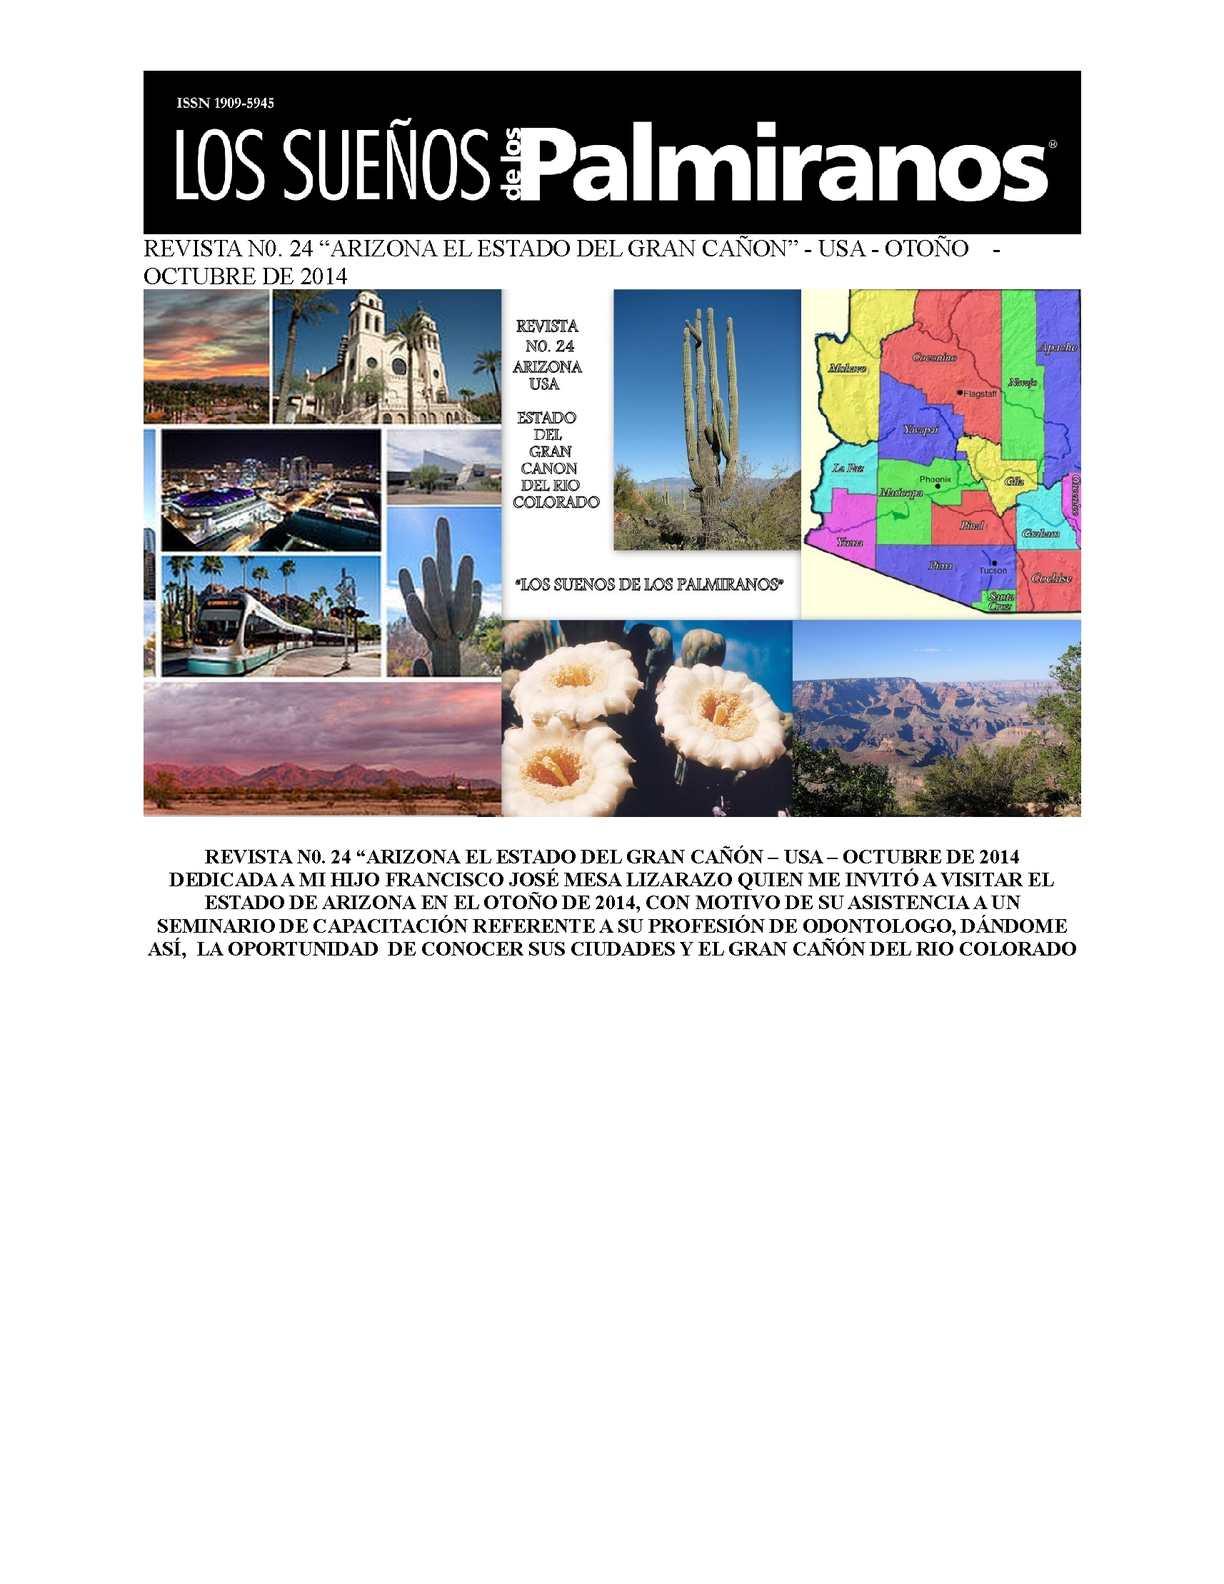 Calaméo - Revista N0. 24 Arizona